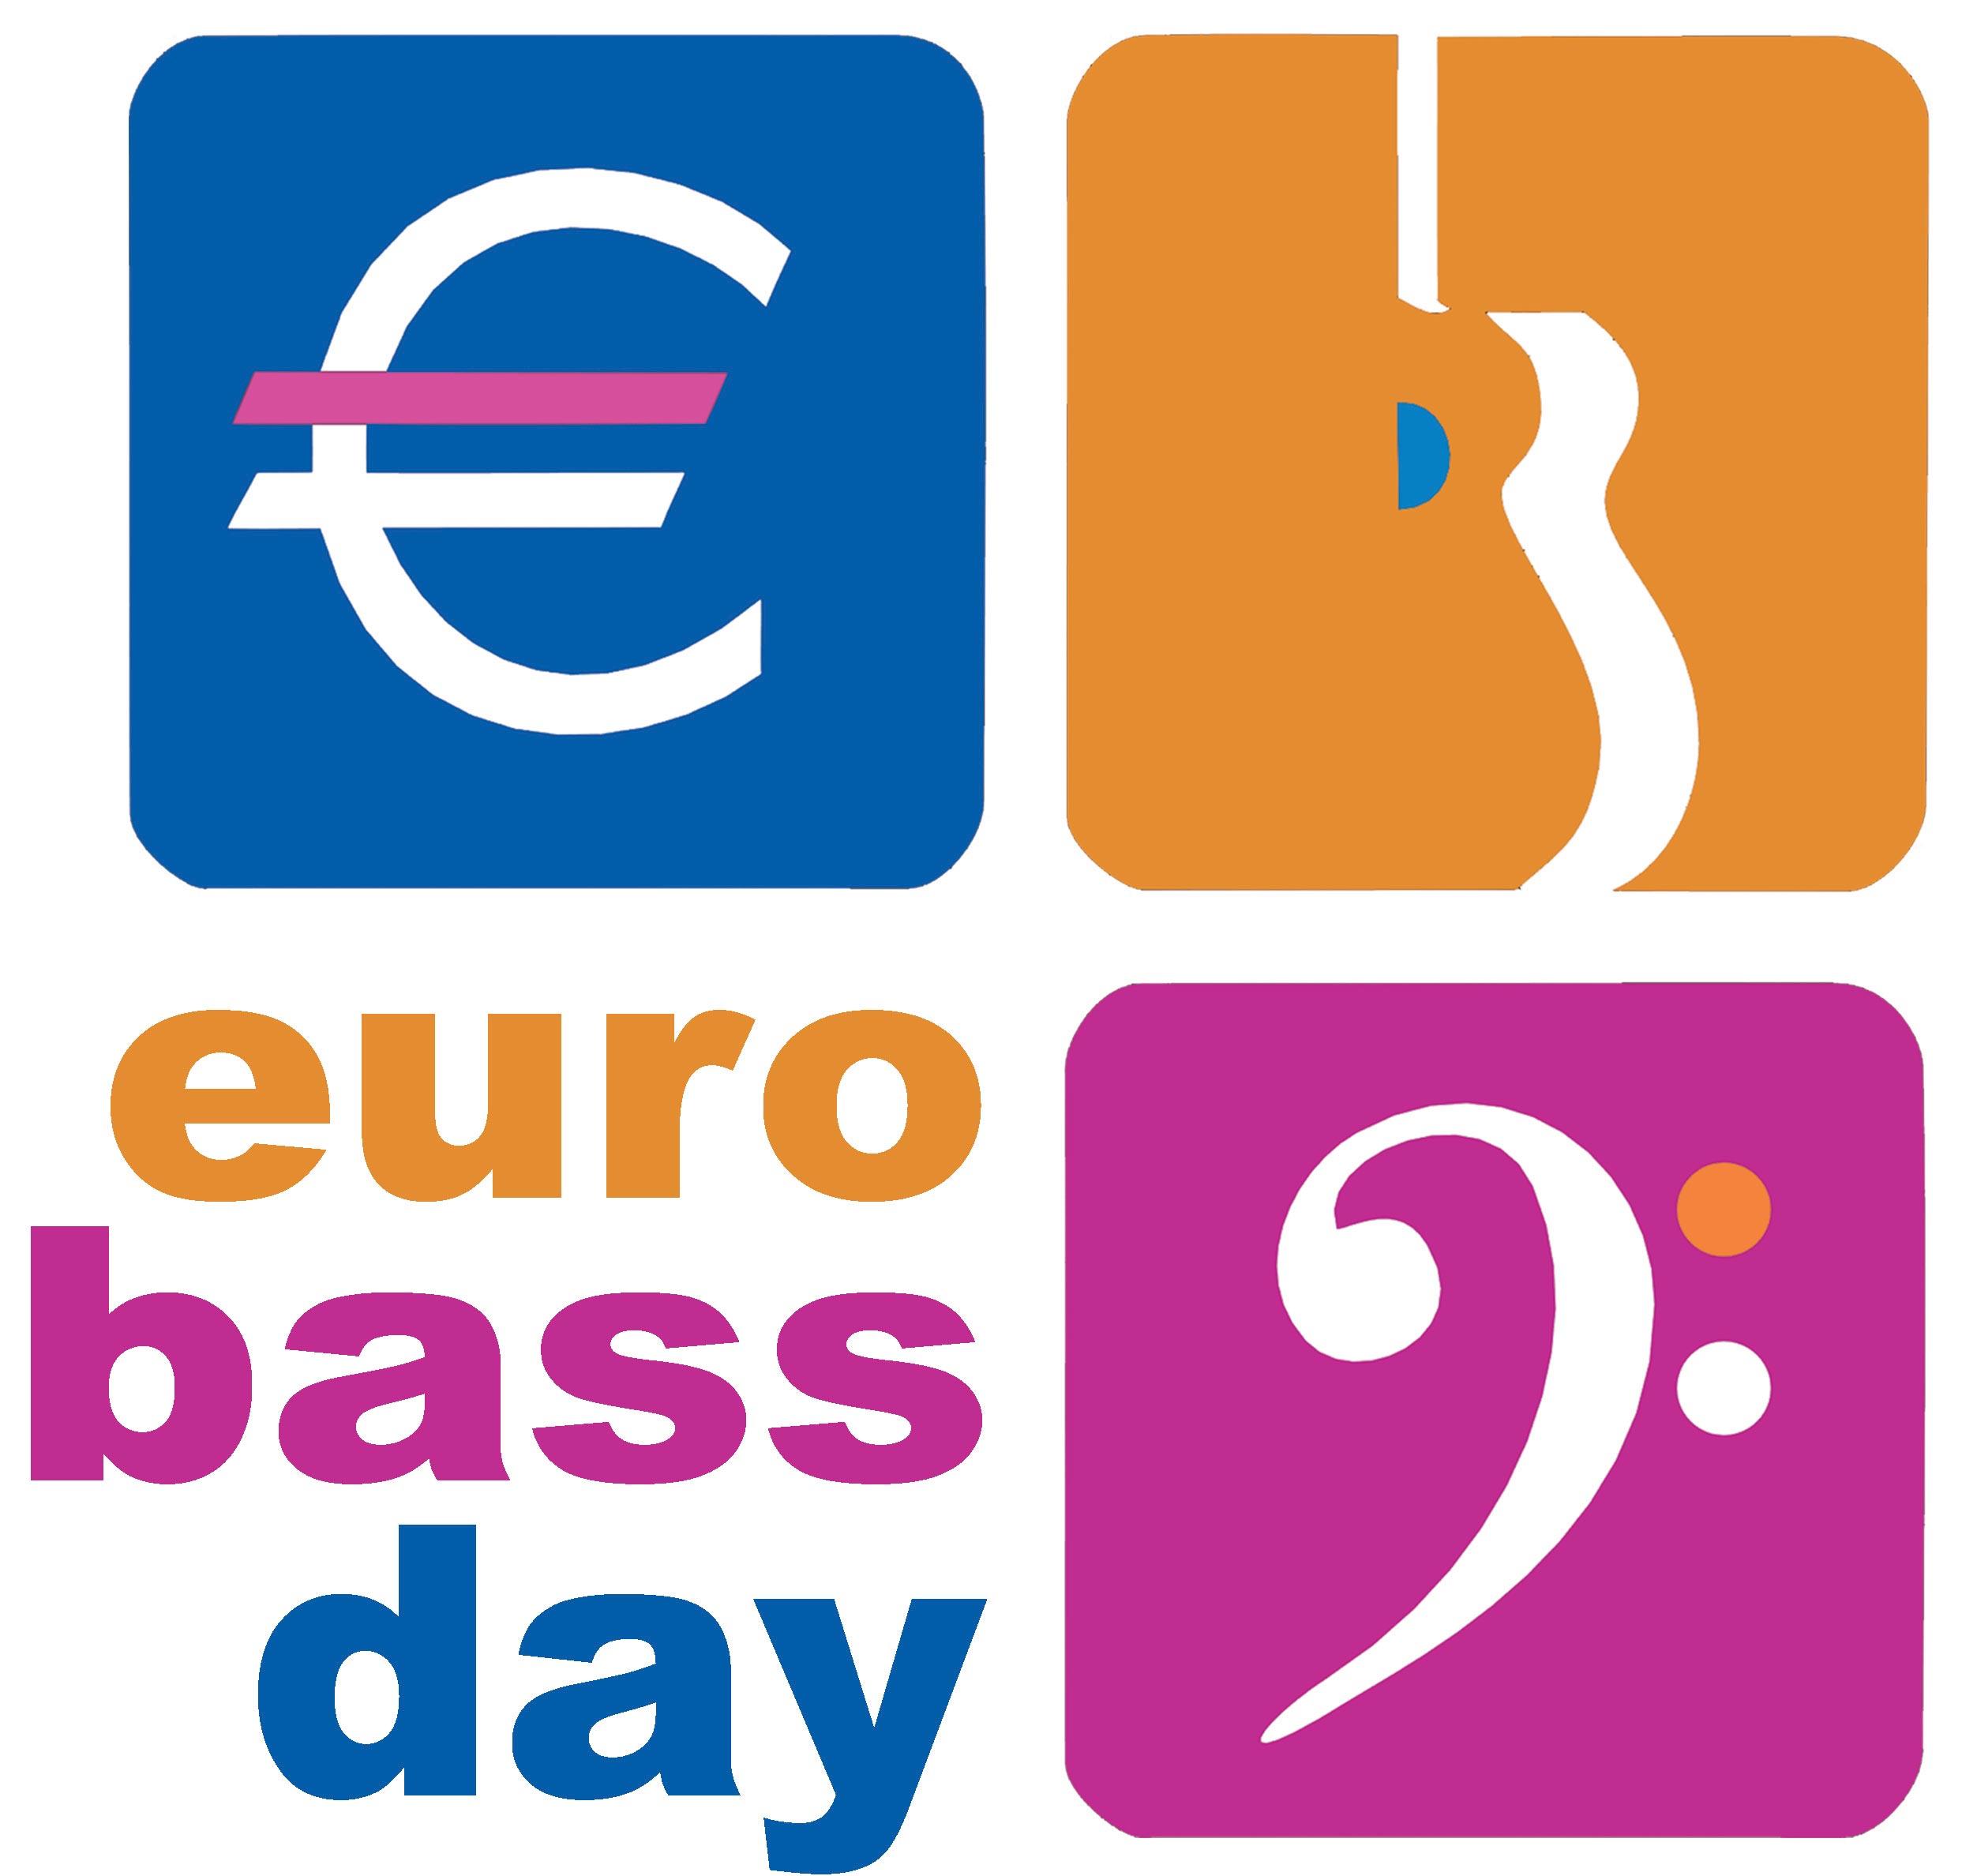 eurobassday la fiera del basso e del bassista a verona